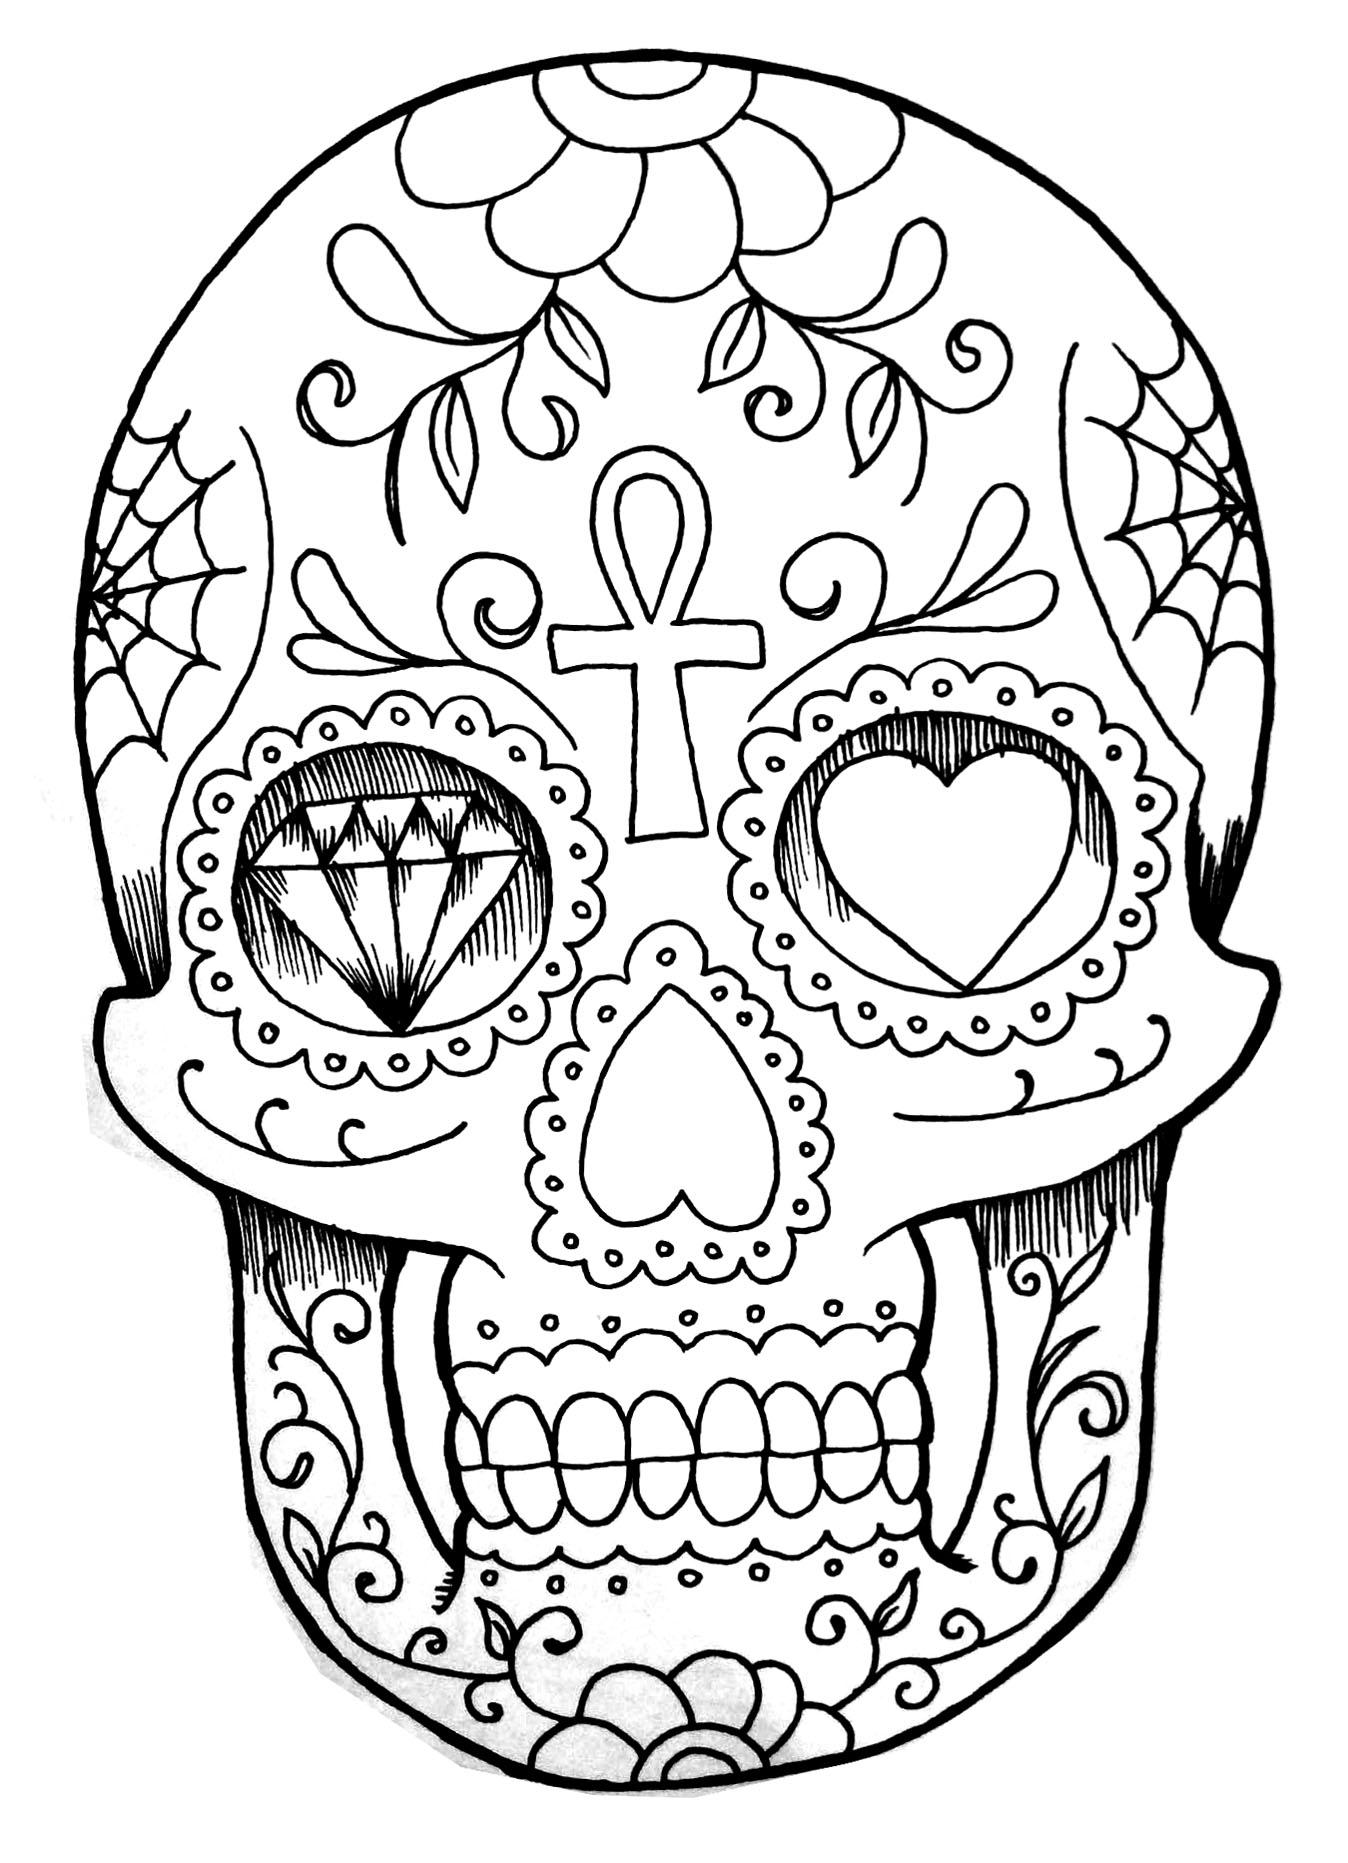 Coloriage d un tatouage représentant un cr¢ne doté de détails et symboles